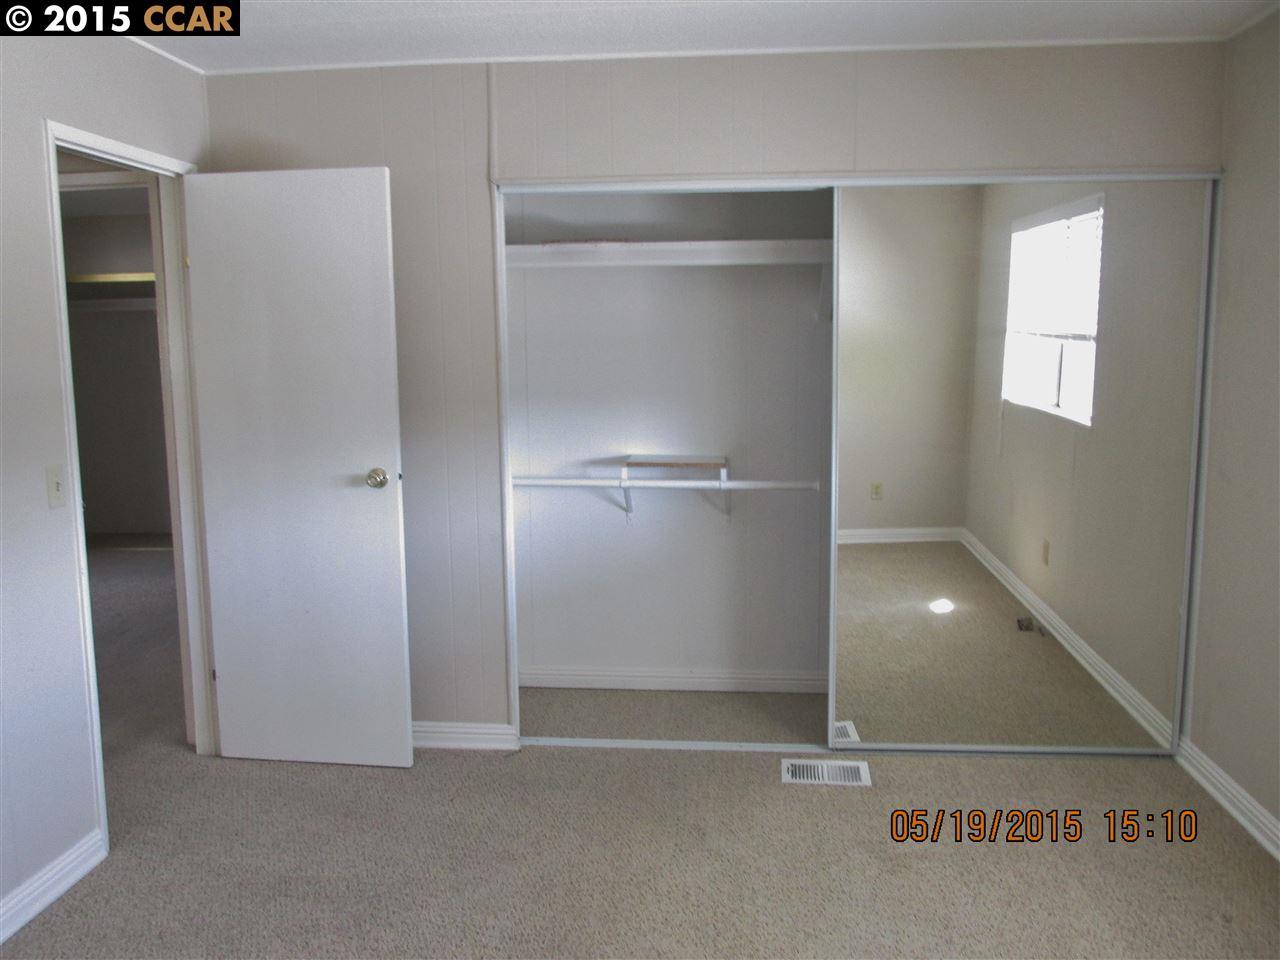 Additional photo for property listing at 385 Avenida Flores  Pacheco, California 94553 Estados Unidos